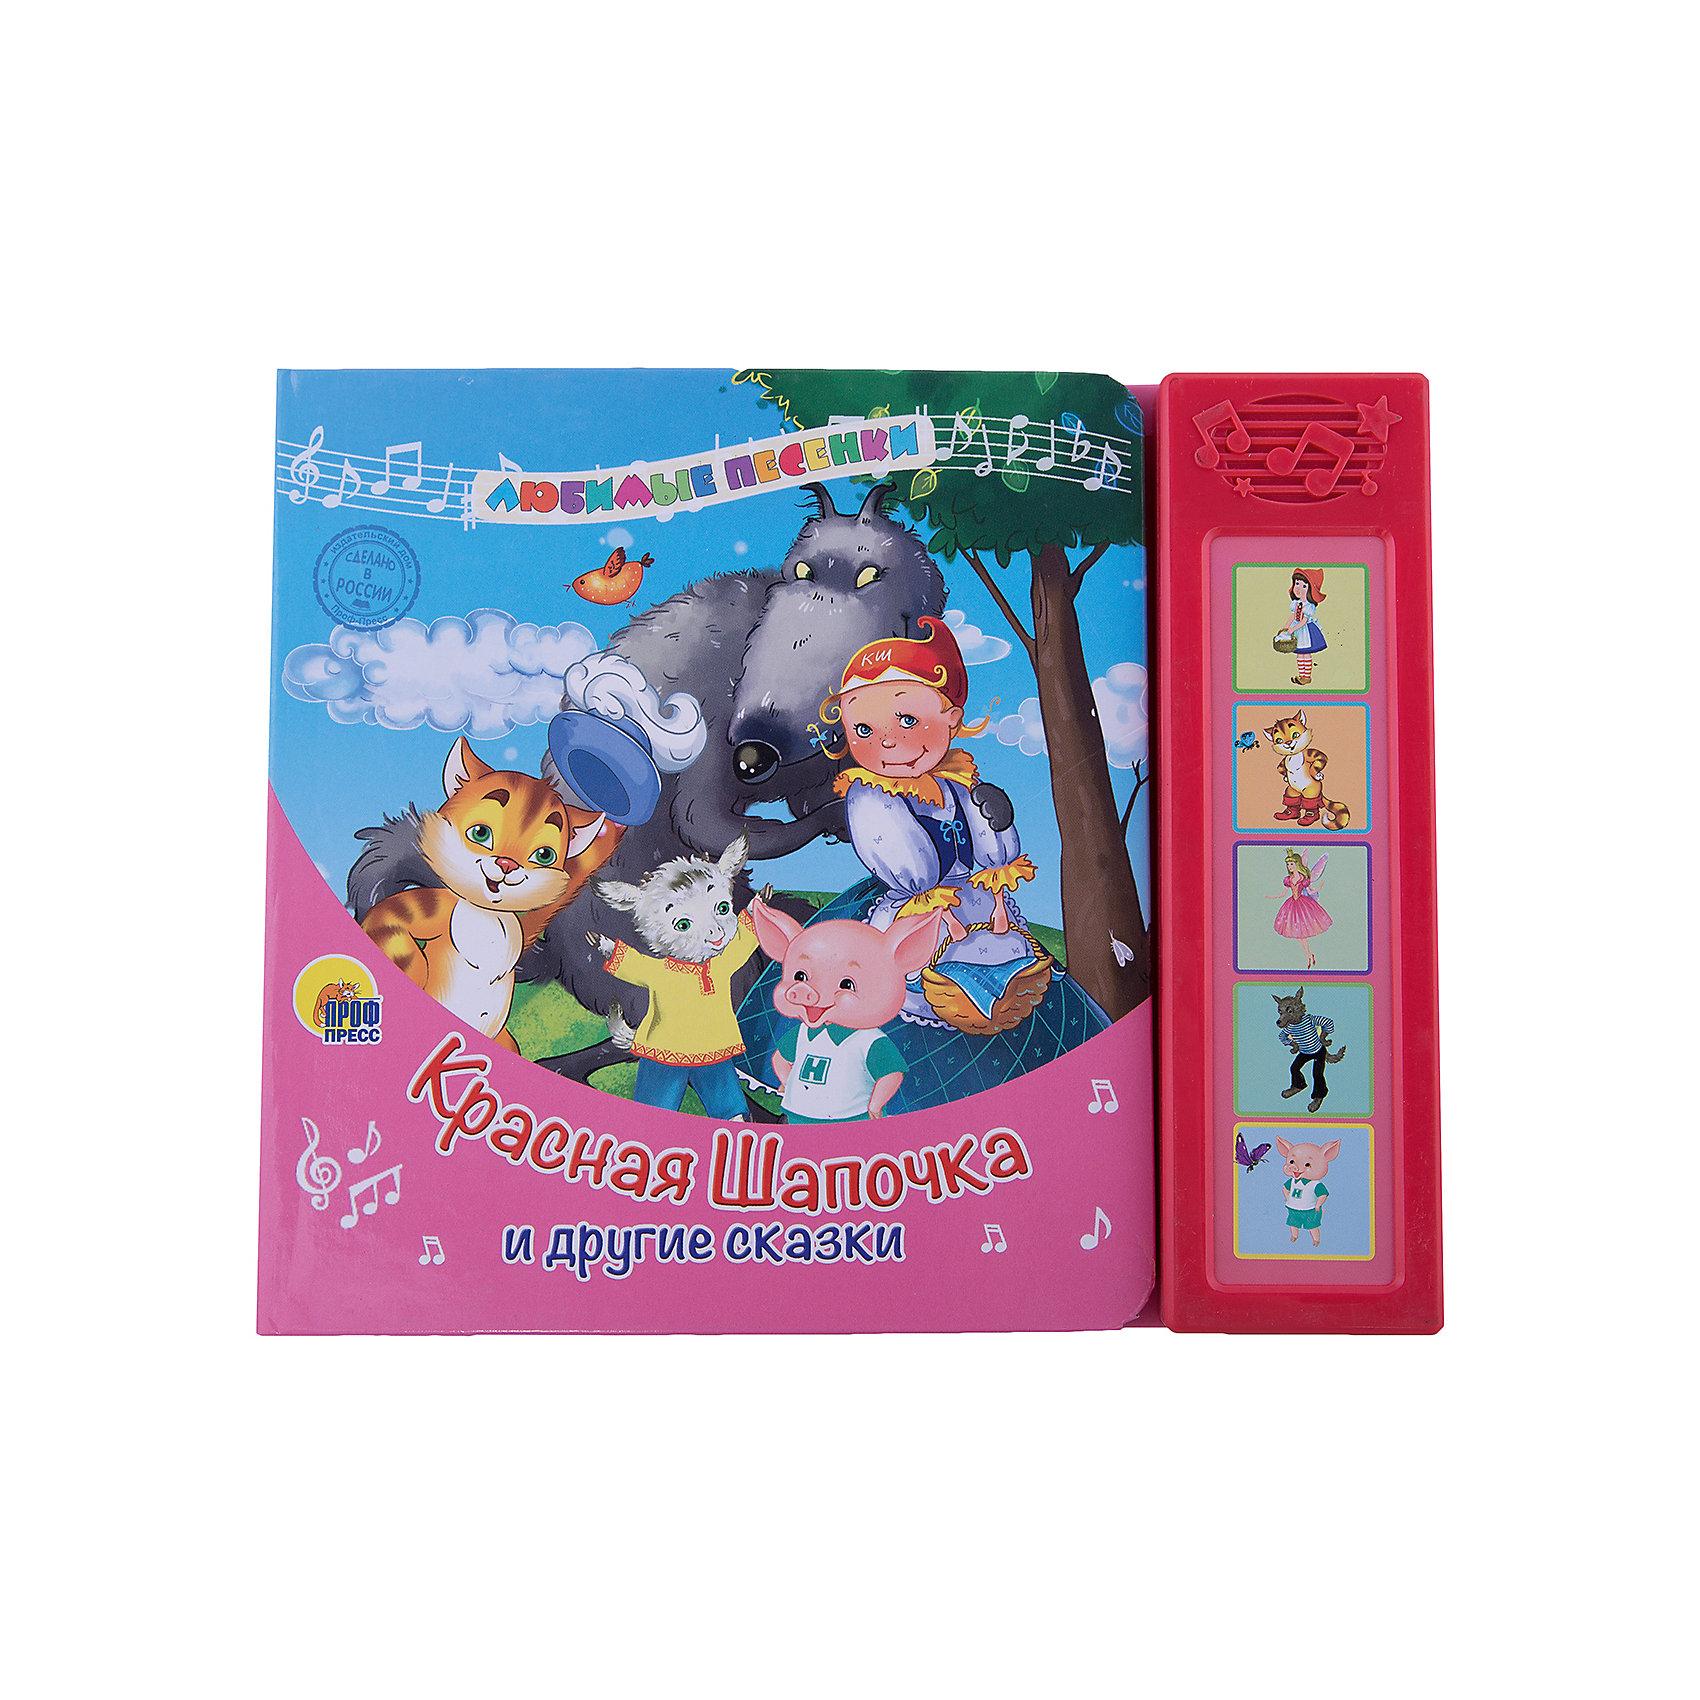 Красная шапочка  и другие сказки, Любимые песенкиШарль Перро<br>Книги - это лучший подарок не только взрослым, они помогают детям познавать мир и учиться читать, также книги позволяют ребенку весело проводить время. Они также стимулируют развитие воображения, логики и творческого мышления.<br>Это издание сделано специально для самых маленьких - с плотными страничками, стихами и звуковым модулем. Яркие картинки обязательно понравятся малышам! Книга сделана из качественных и безопасных для детей материалов.<br>  <br>Дополнительная информация:<br><br>материал: картон; <br>размер: 22х18 см;<br>страниц: 12;<br>вес: 250 г;<br>батарейки входят в комплект.<br><br>Книгу со звуковым модулем Красная шапочка  и другие сказки от издательства Проф-Пресс можно купить в нашем магазине.<br><br>Ширина мм: 215<br>Глубина мм: 15<br>Высота мм: 175<br>Вес г: 250<br>Возраст от месяцев: 0<br>Возраст до месяцев: 60<br>Пол: Унисекс<br>Возраст: Детский<br>SKU: 4787279